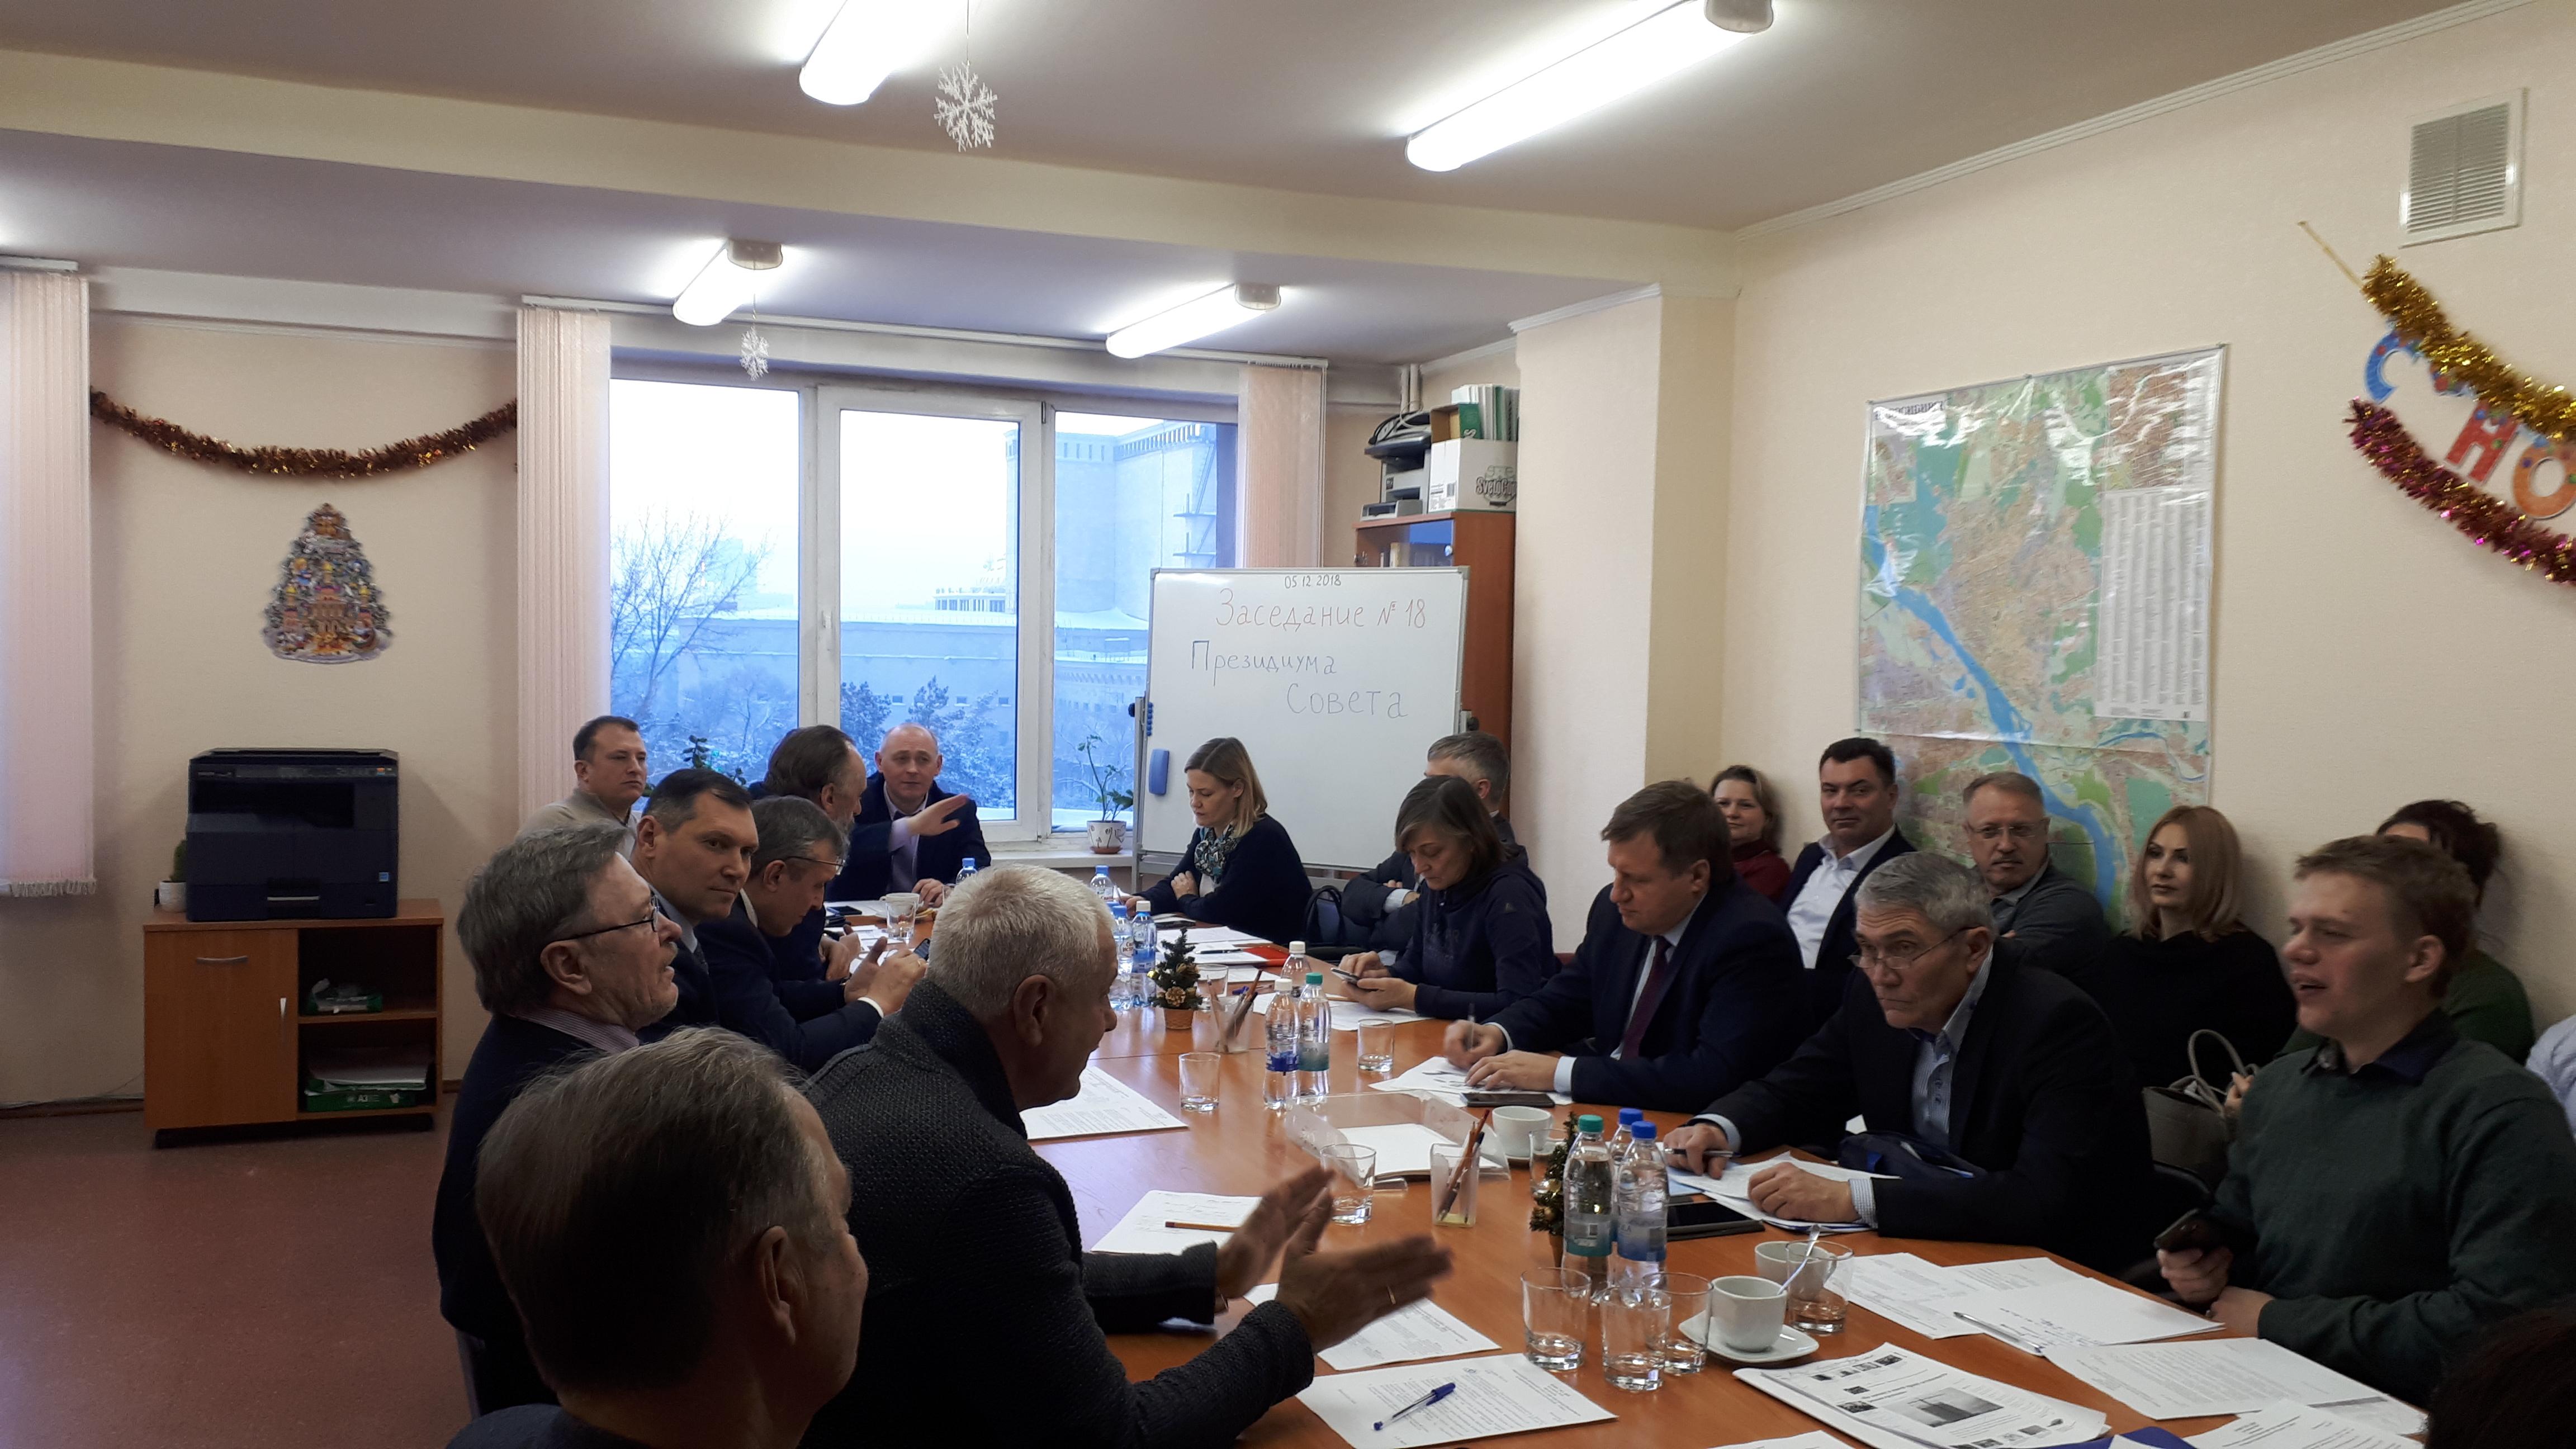 Президиум Общественного экспертного Совета при мэре г. Новосибирска по вопросам градостроительства подвел предварительные итоги года ASONO